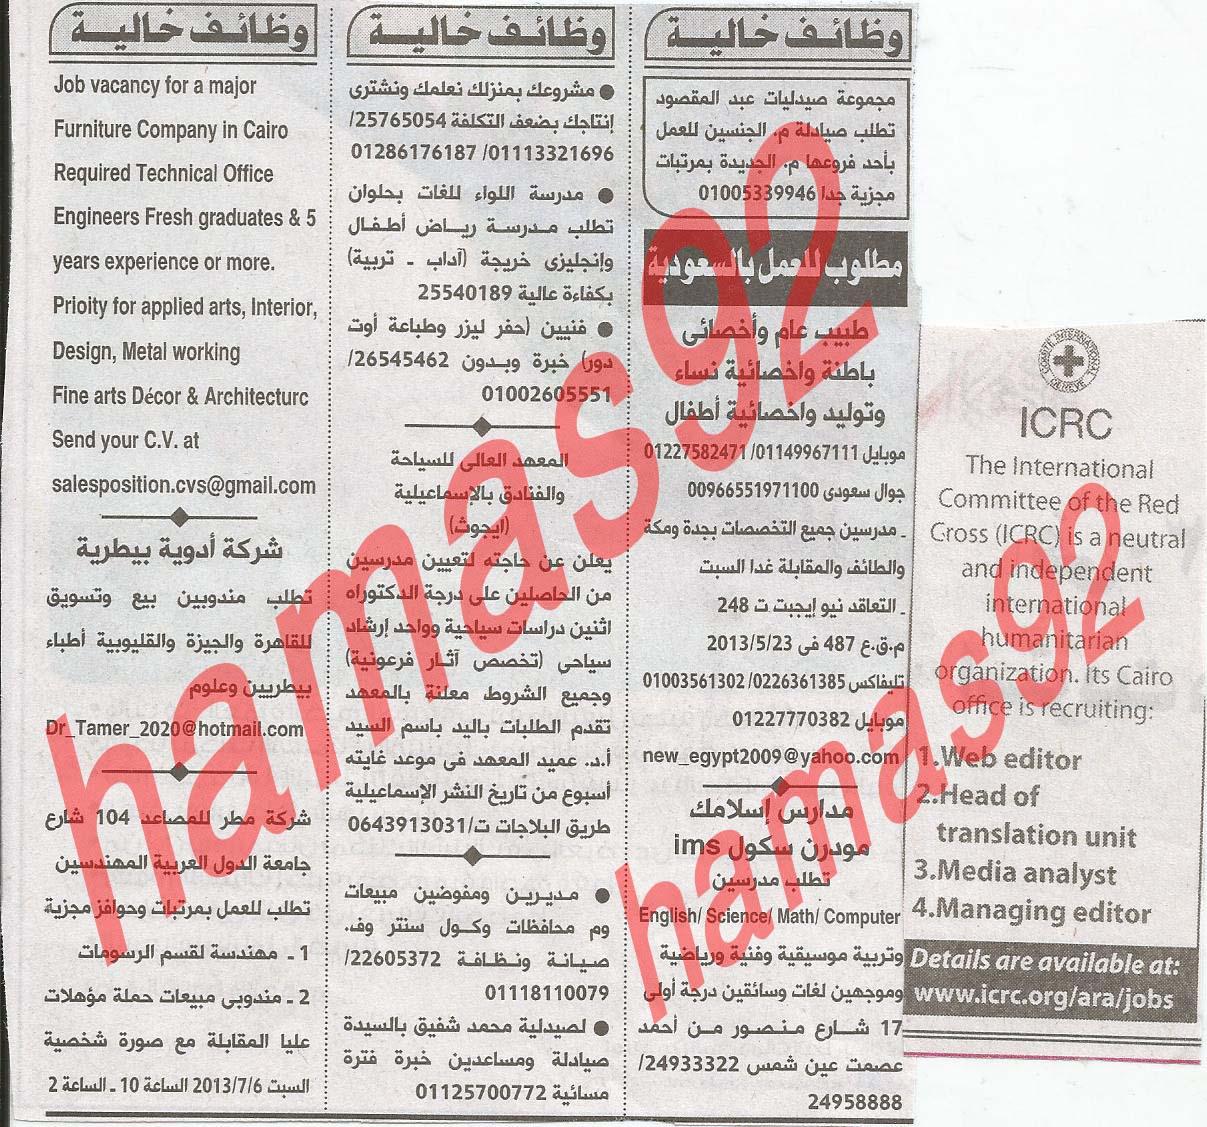 وظائف خالية جريدة الاهرام الجمعة 05-07-2013